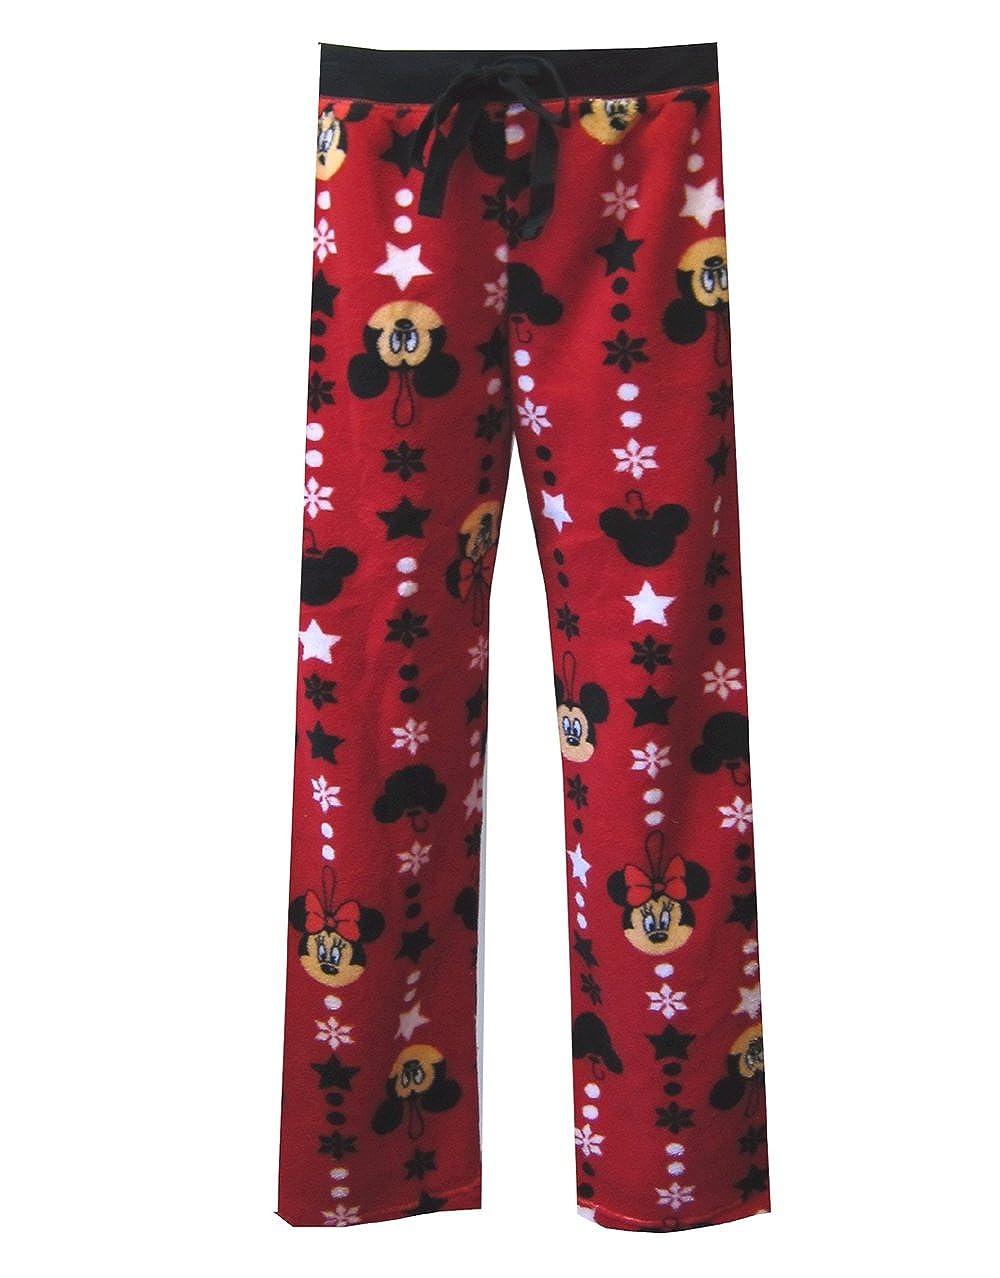 De Mickey y Minnie Mouse Chándal para hombre, Disney pijama para ...